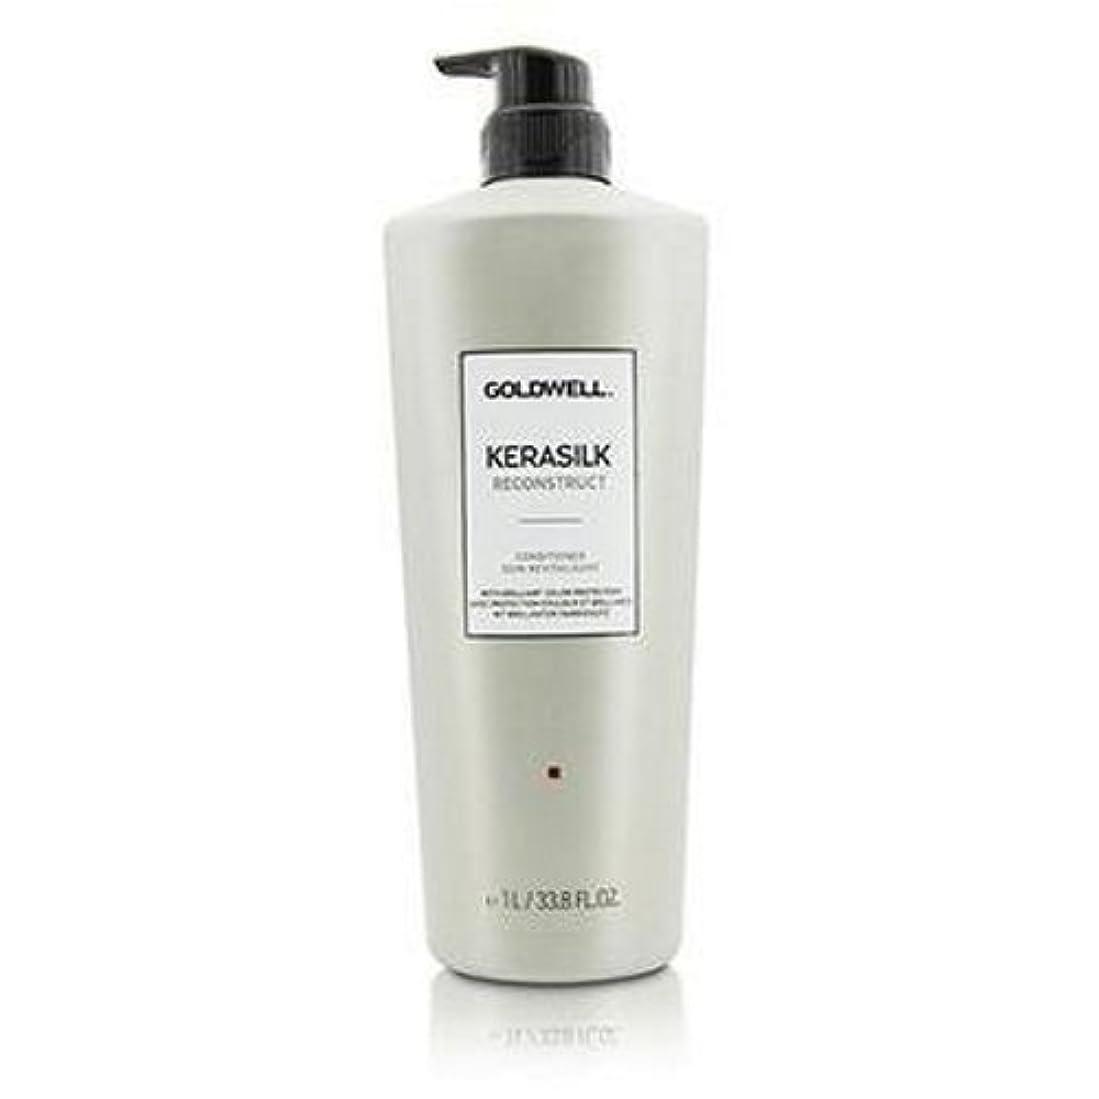 プライバシー文庫本陽気なゴールドウェル Kerasilk Reconstruct Conditioner (For Stressed and Damaged Hair) 1000ml